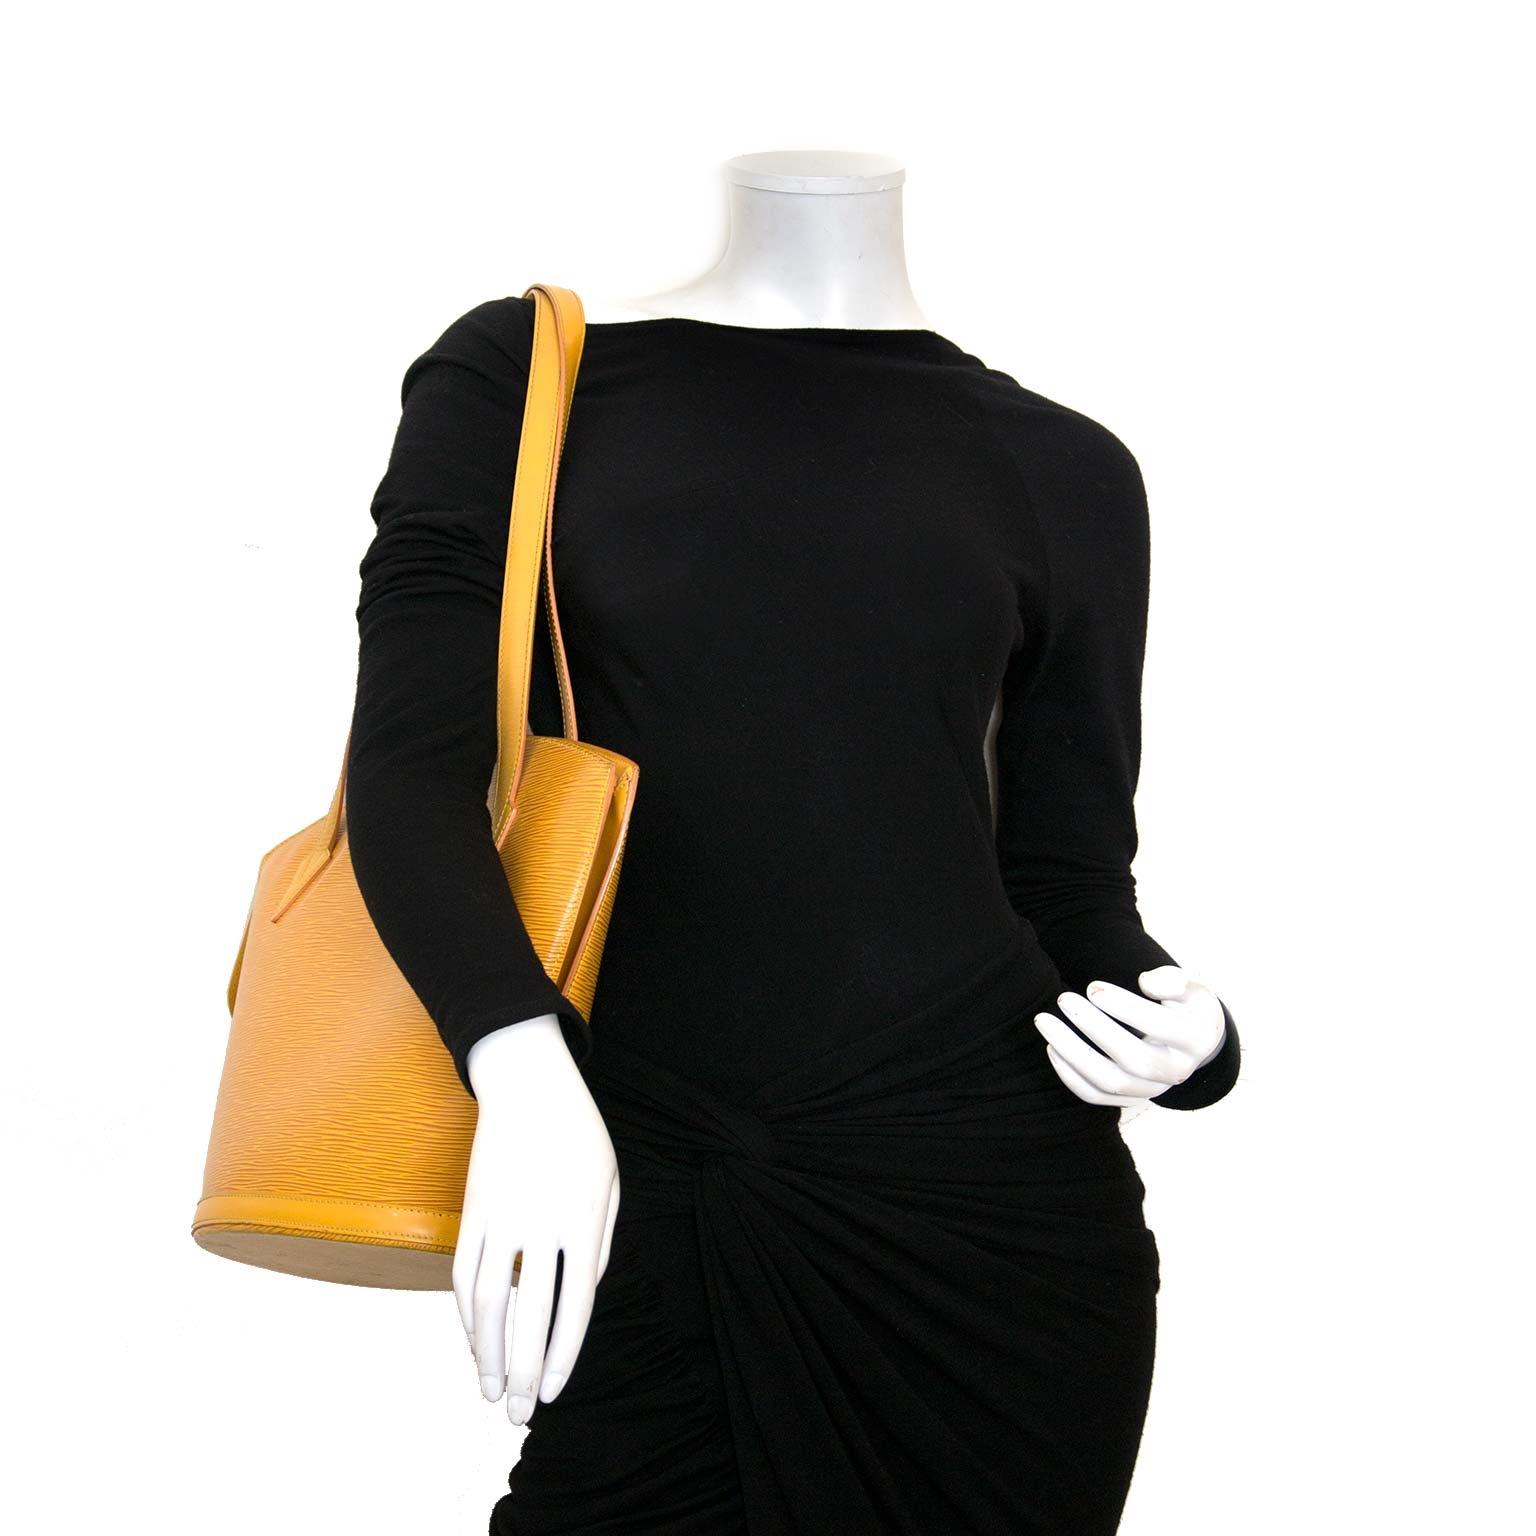 koop en verkoop 100% authentieke designer tassen zoals Louis Vuitton Yellow Epi Leather Saint Jacques Shoulder Bag